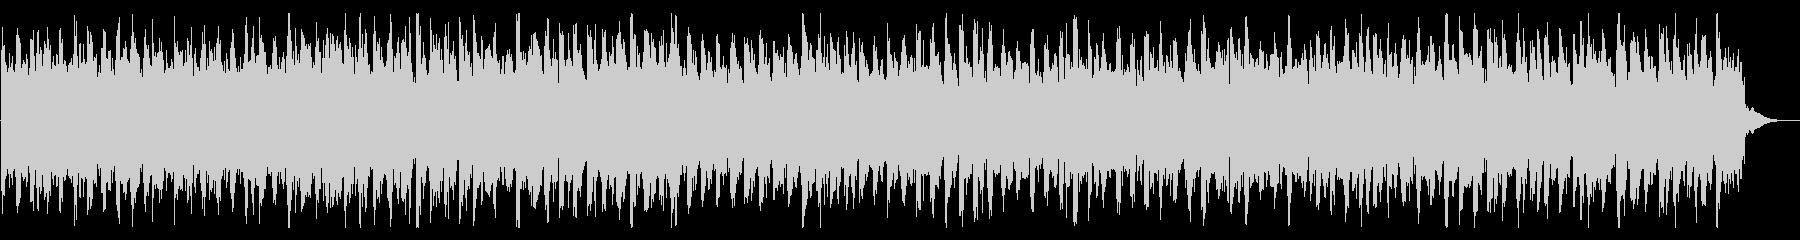 堂々とした曲調のエレクトロニックの未再生の波形